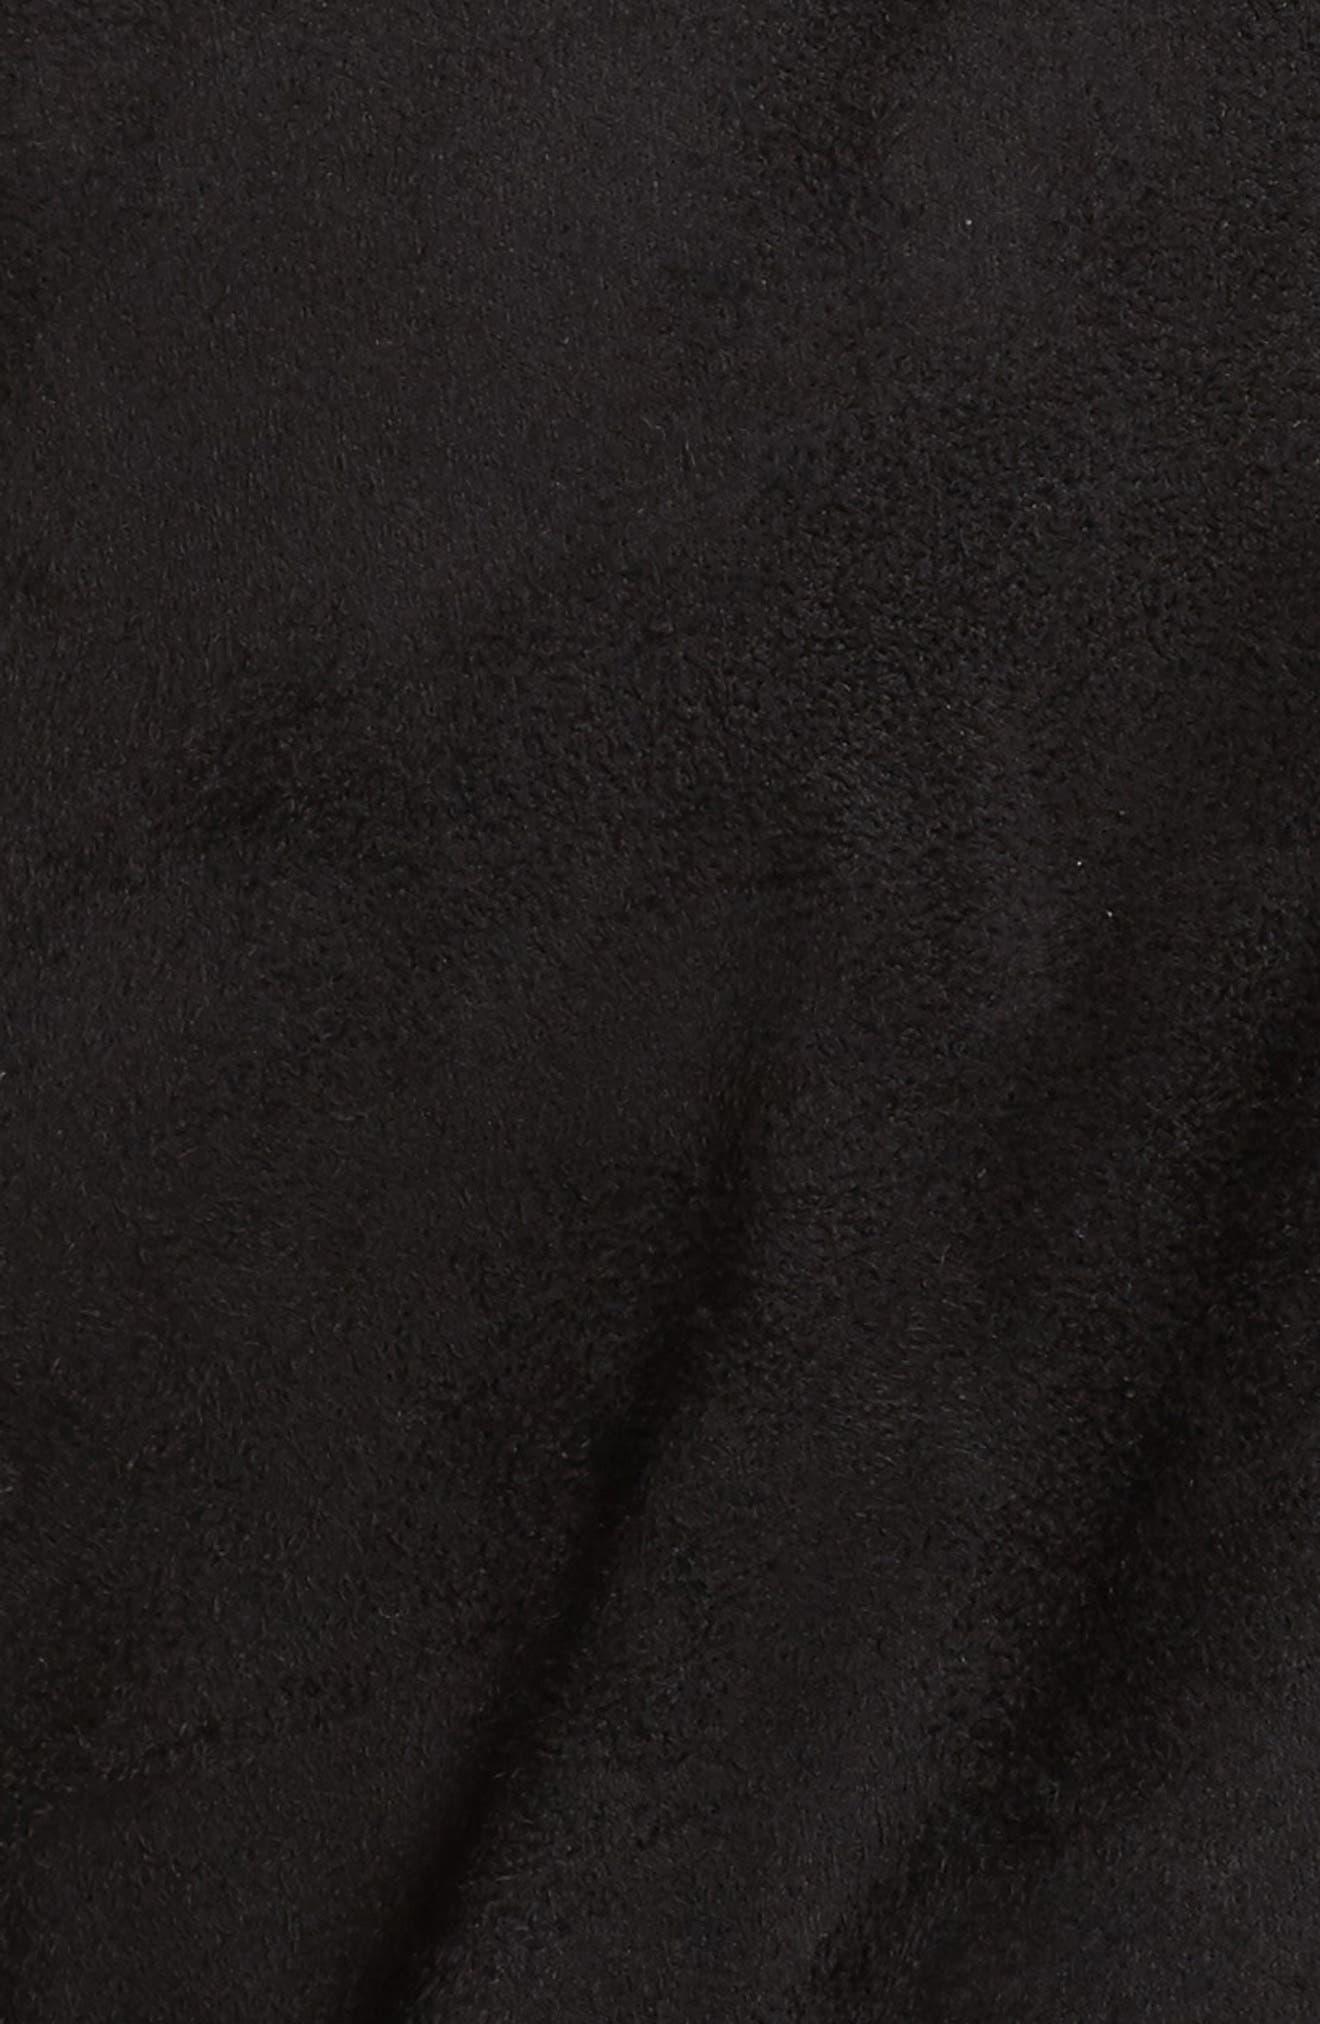 LA Winter Faux Fur Lined Jacket,                             Alternate thumbnail 6, color,                             001